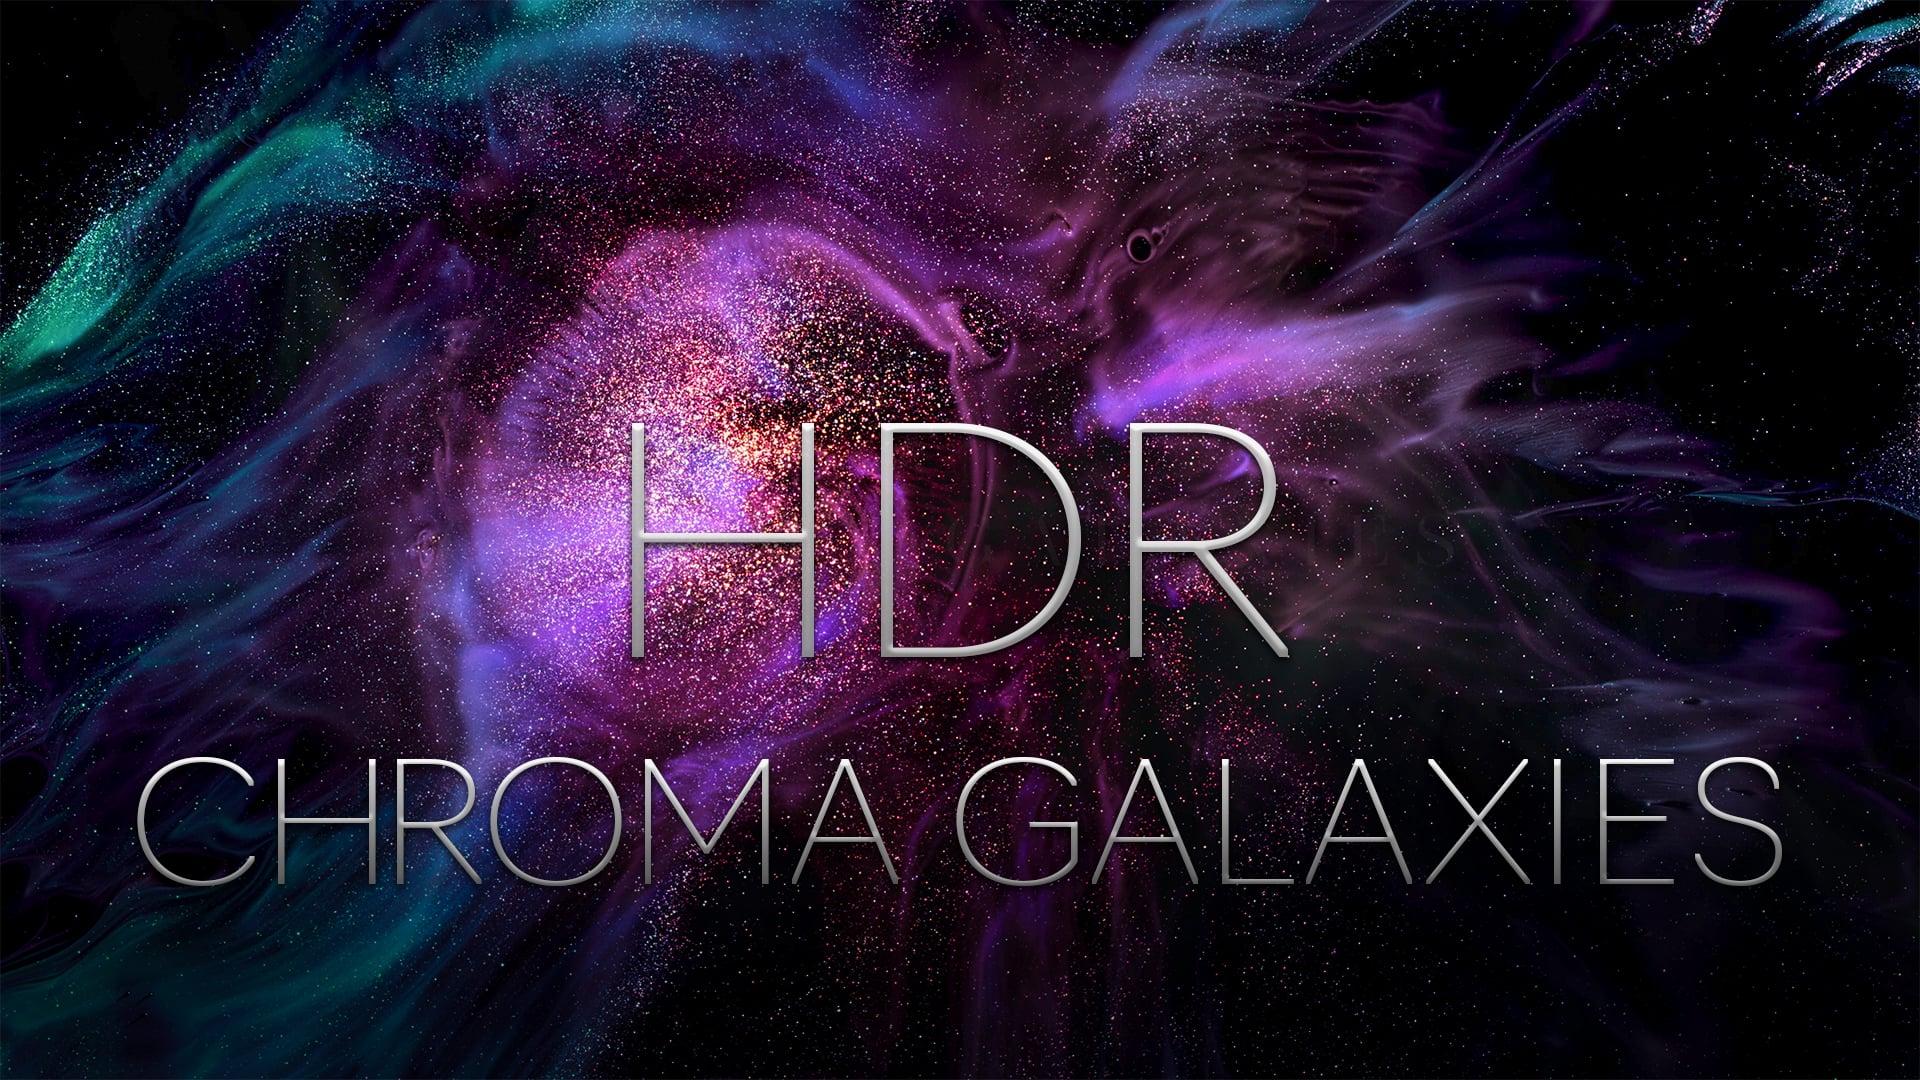 CHROMA GALAXIES HDR